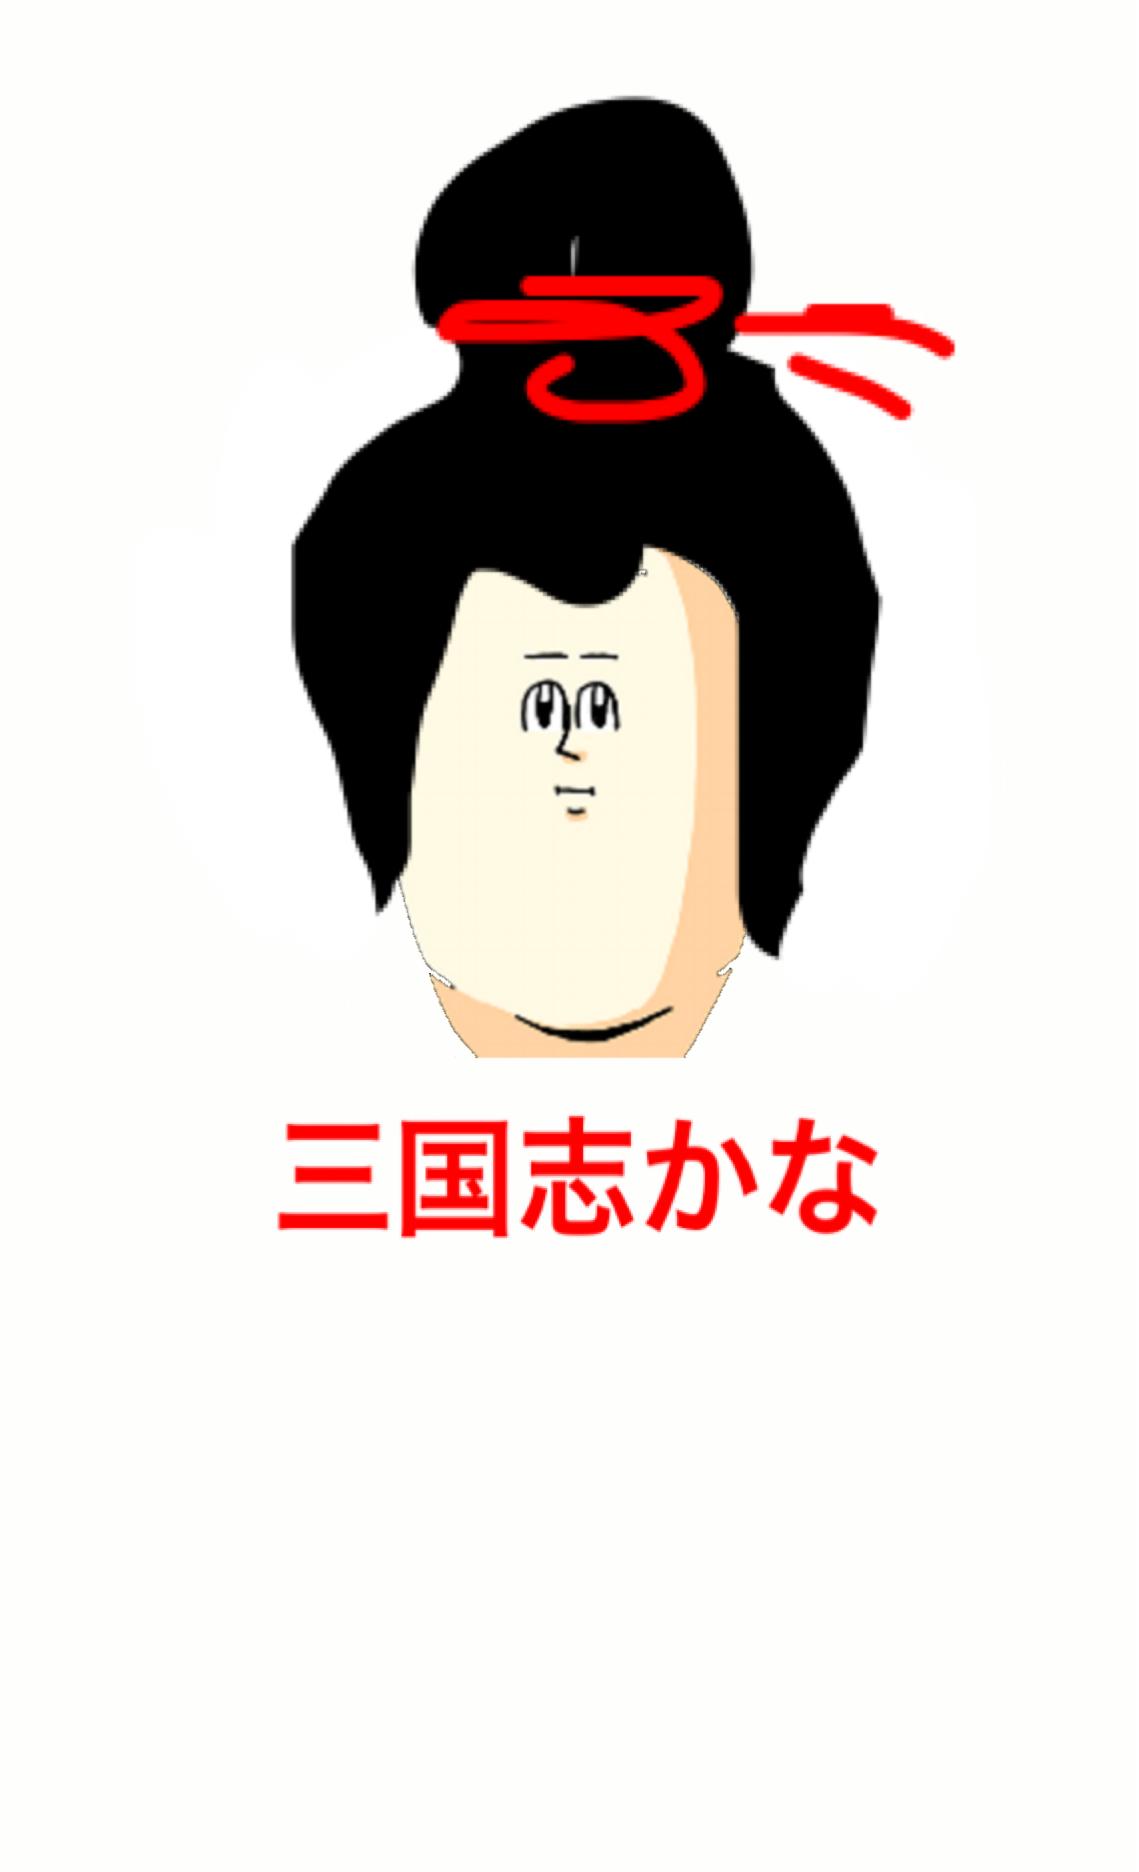 【お絵かきトピ】ミサワ風にガル民を描こうよ Part4